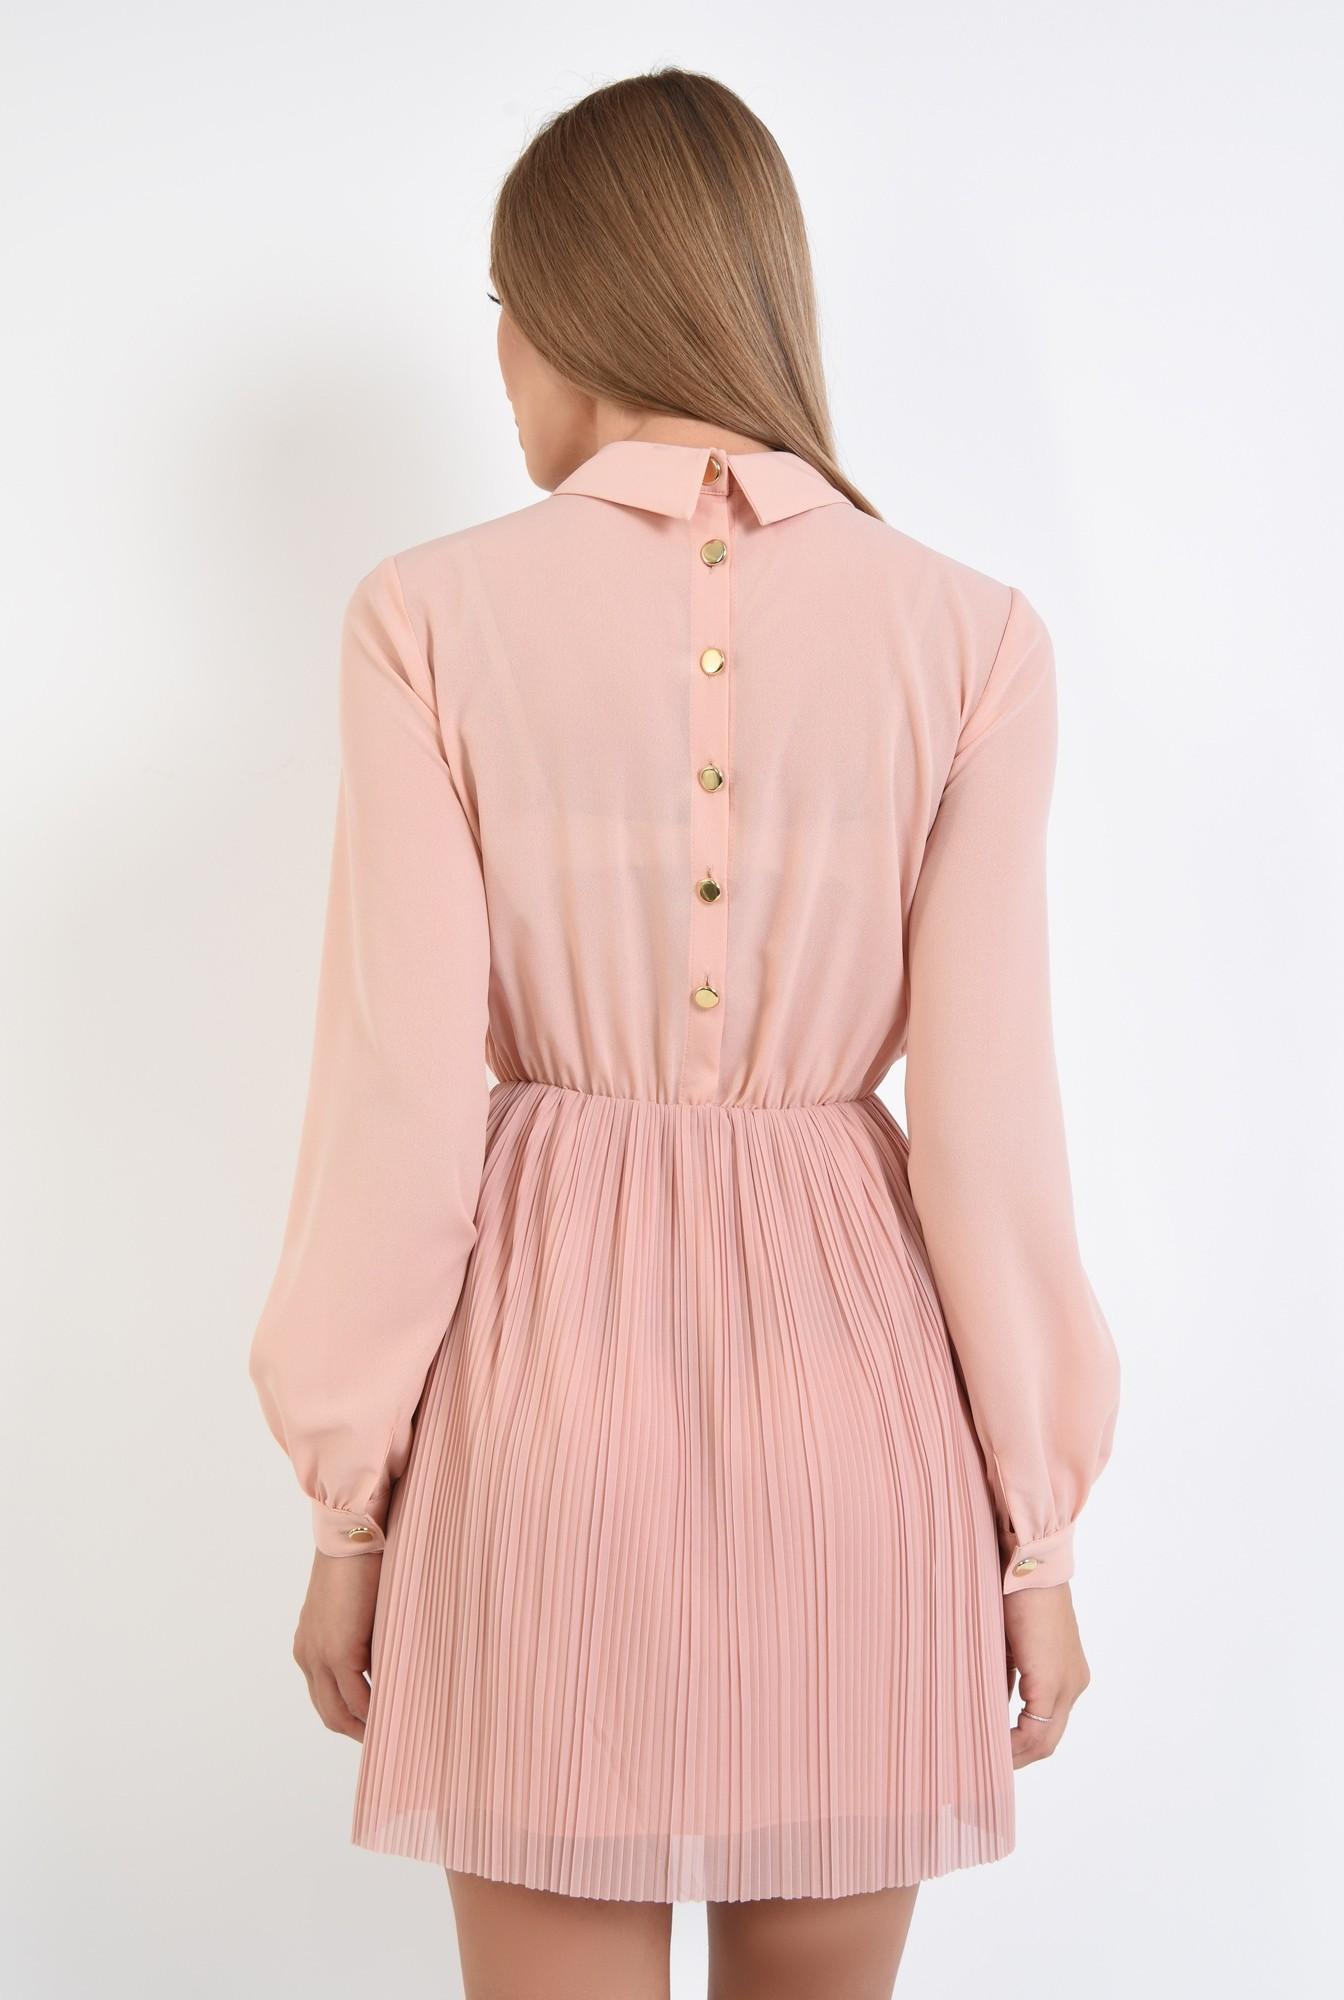 1 - 360 - rochie din voal plisata, clos, rochii online